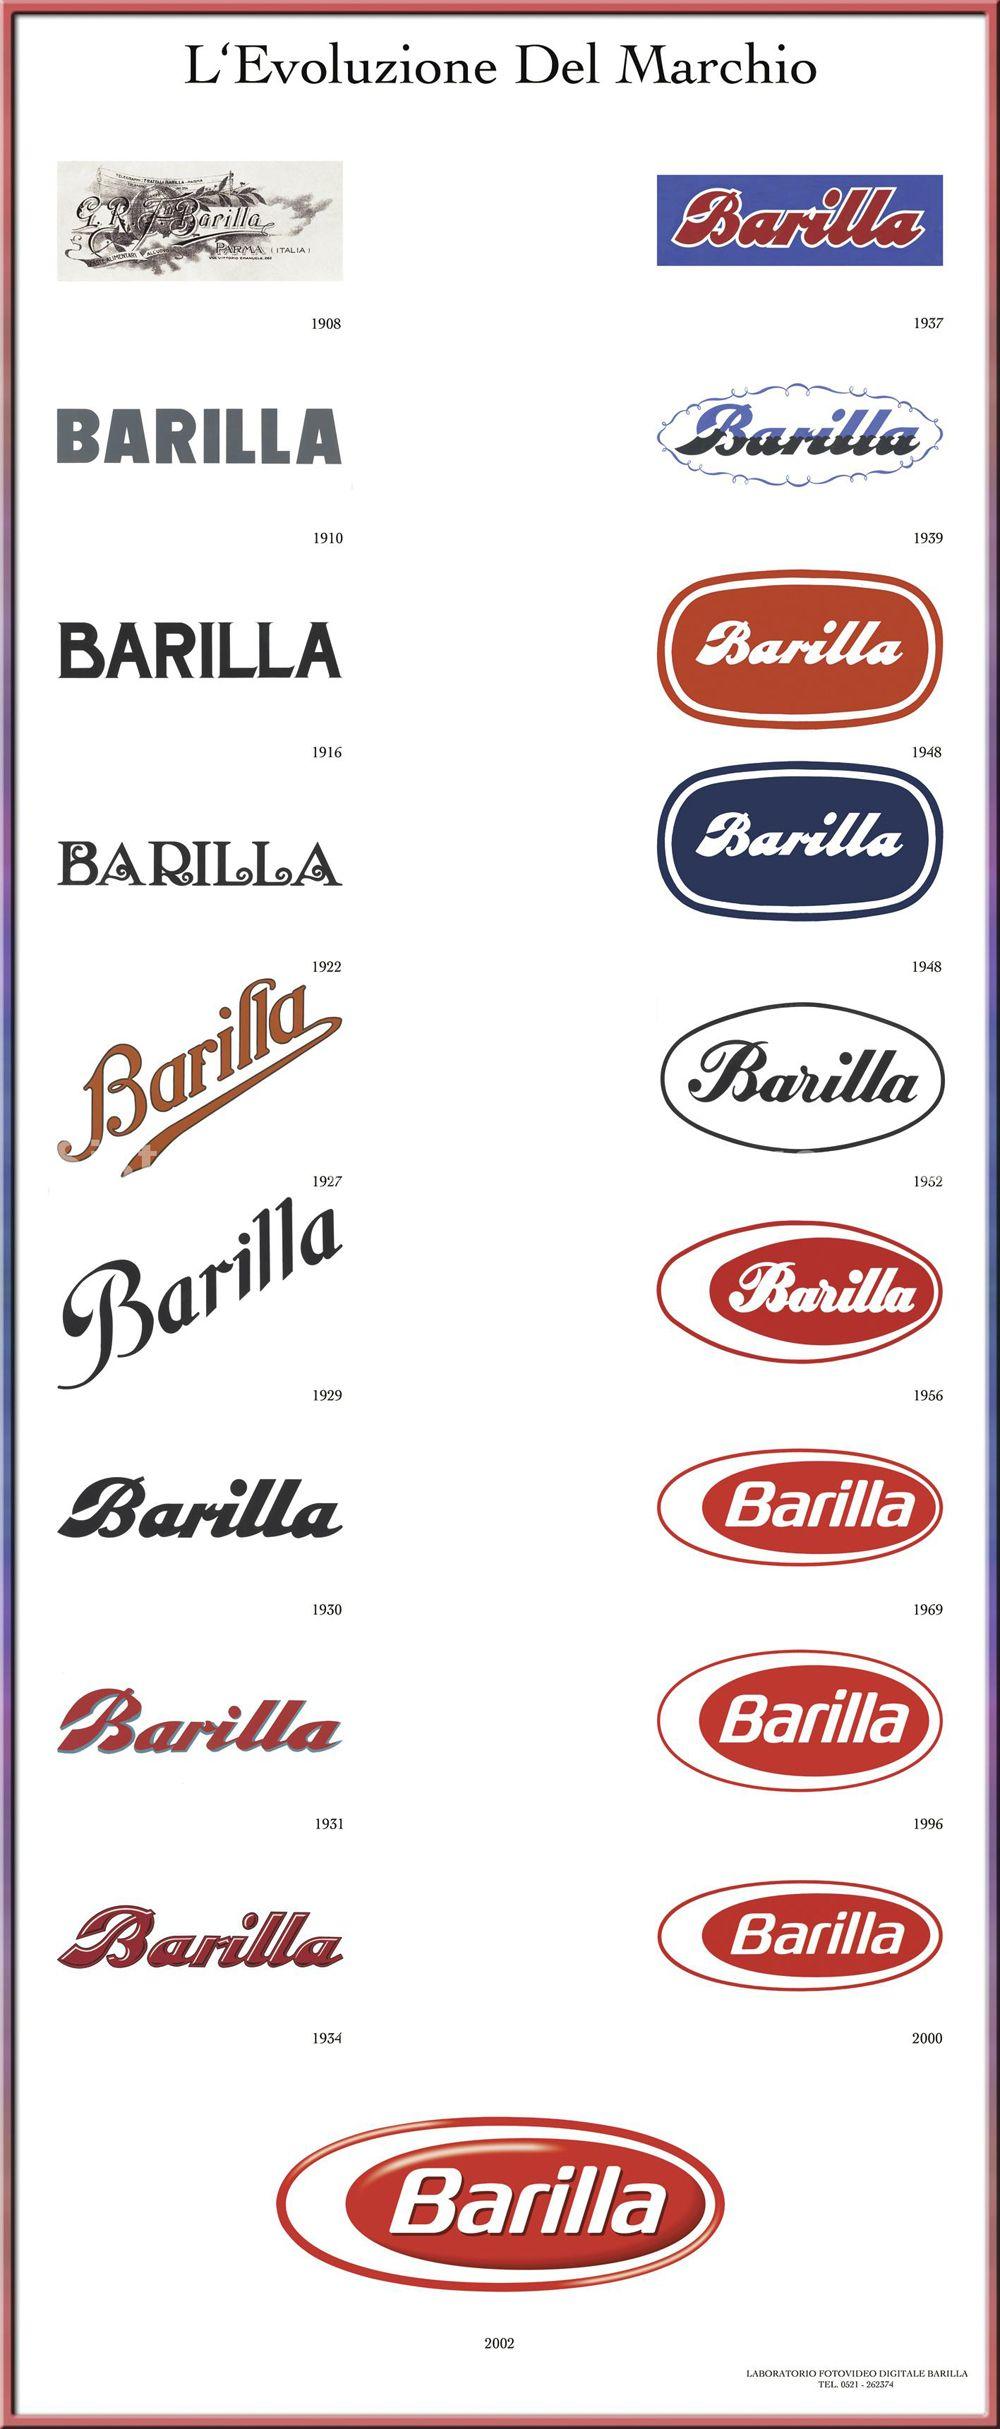 barilla levoluzione del marchio dal 1910 pu barilla